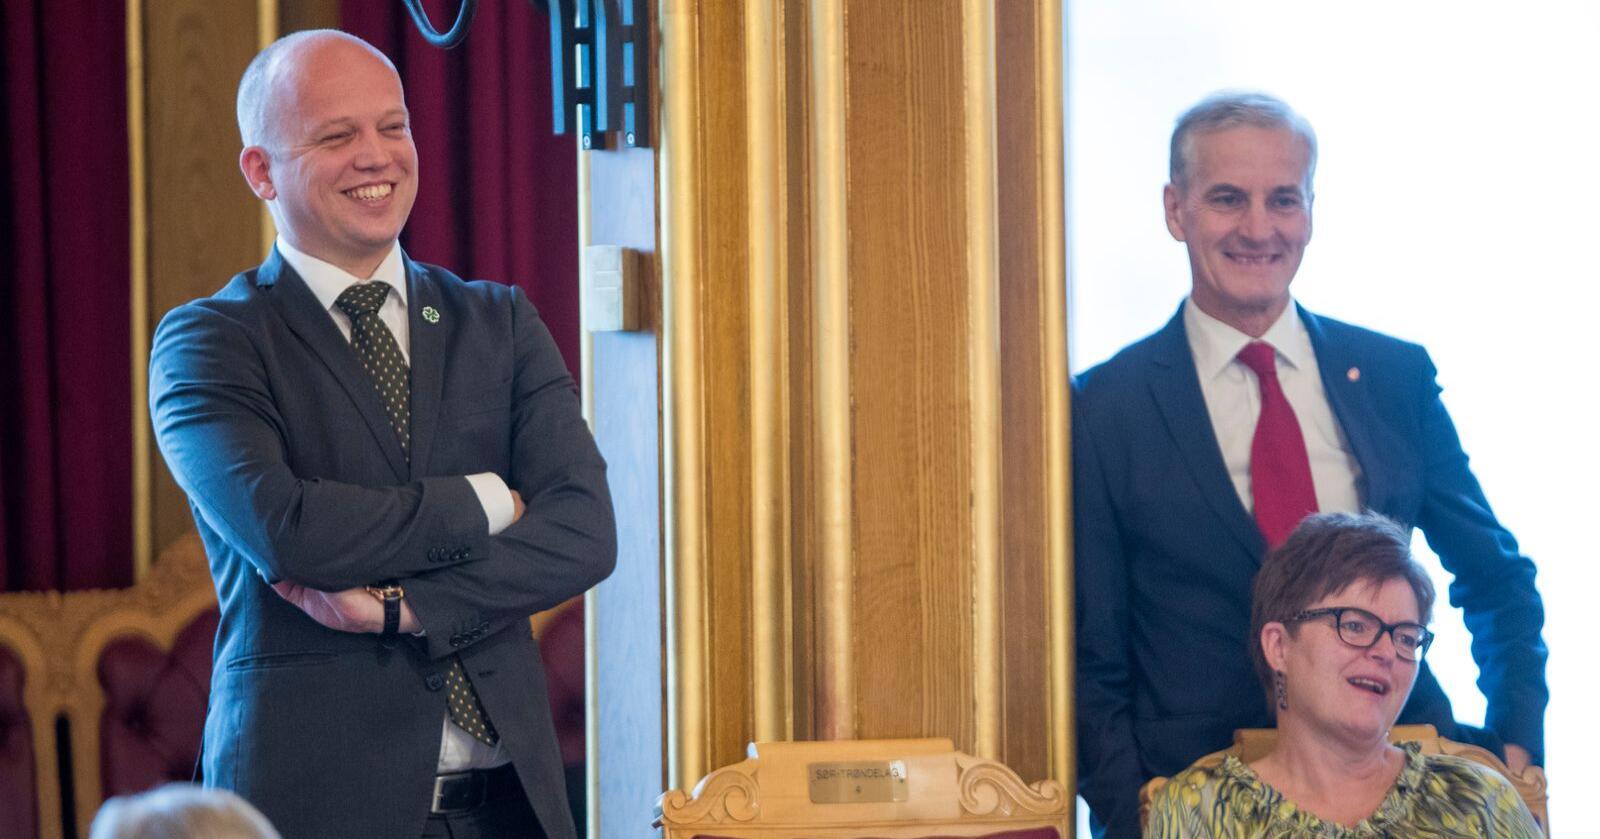 Senterparti-leder Trygve Slagsvold Vedum gjør det klart at han ikke drømmer om regjeringssamarbeid med SV. Ap-leder Støre er ikke helt enig. Foto: Terje Pedersen / NTB